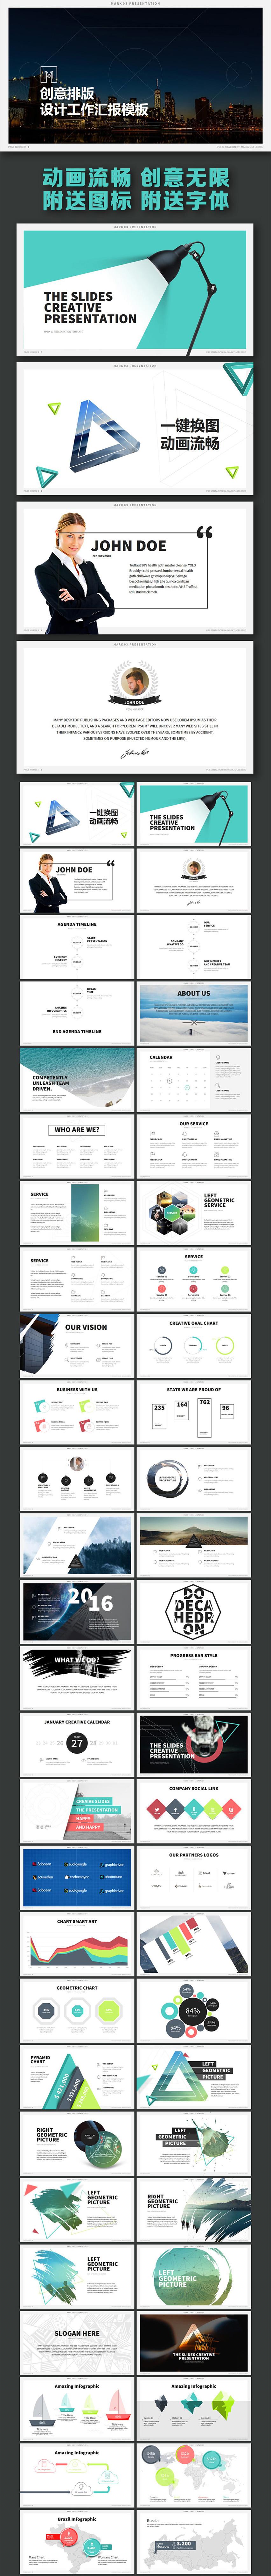 作品标题:【创意系列】精美排版设计产品介绍ppt模板图片